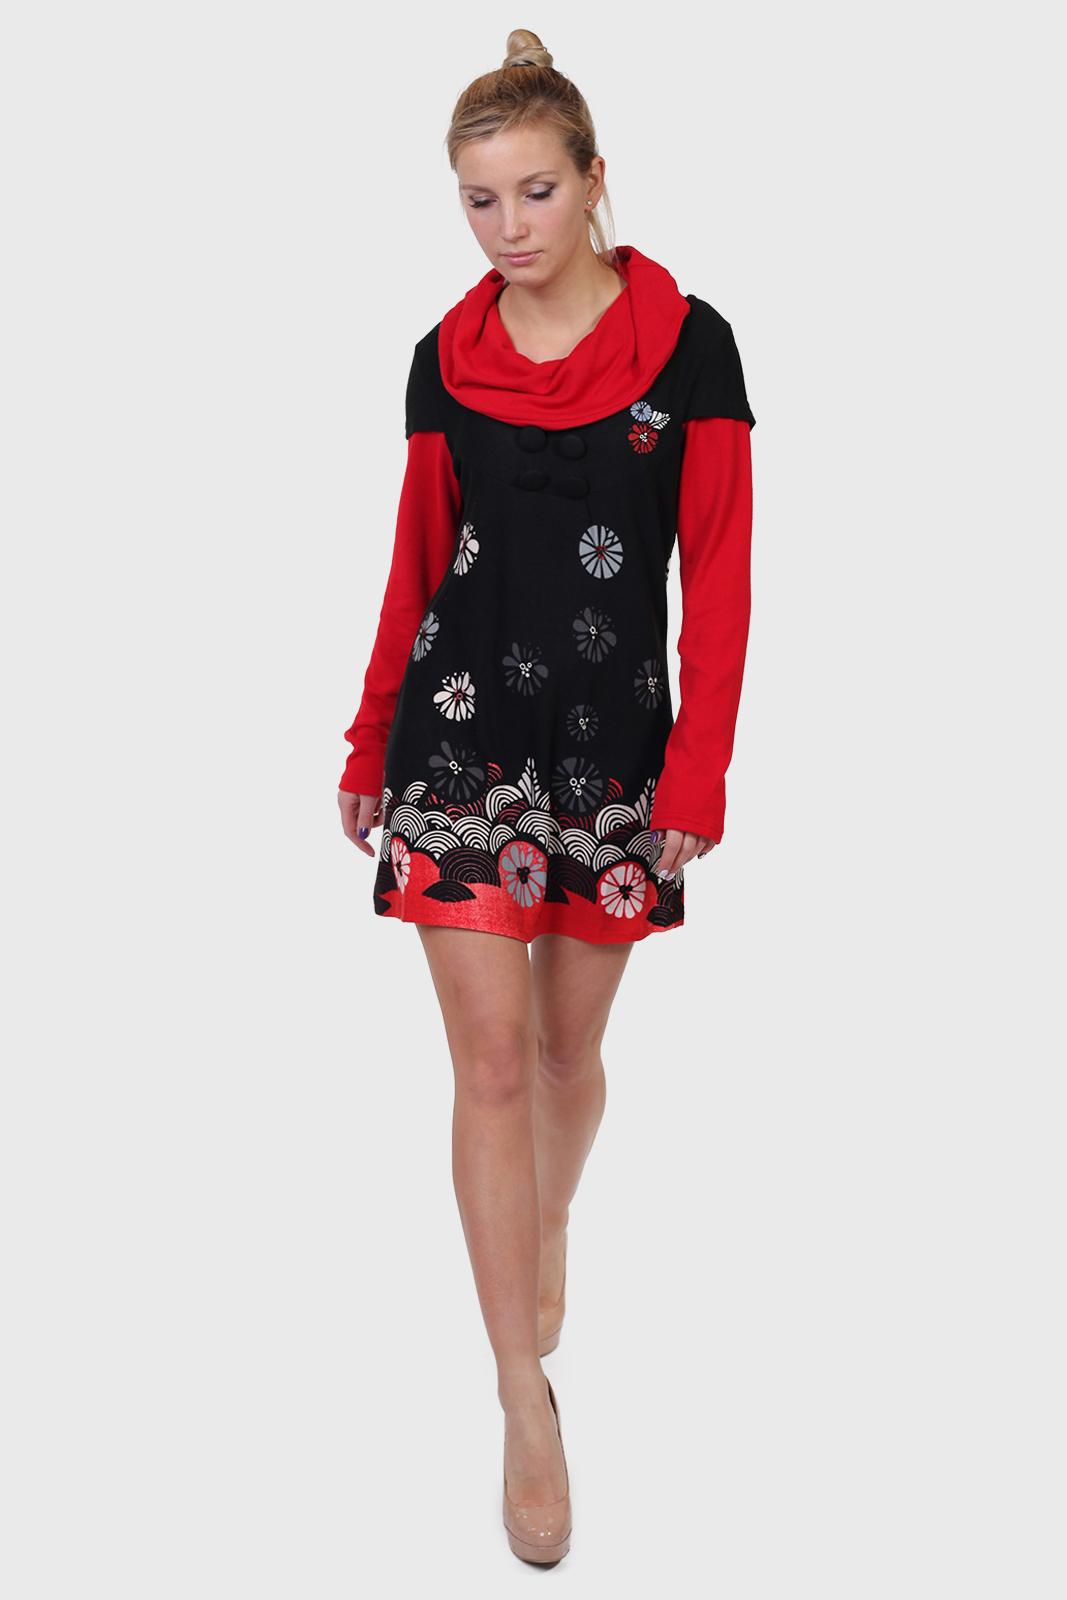 Недорогое трикотажное платье для девушек от ТМ Le Grenier